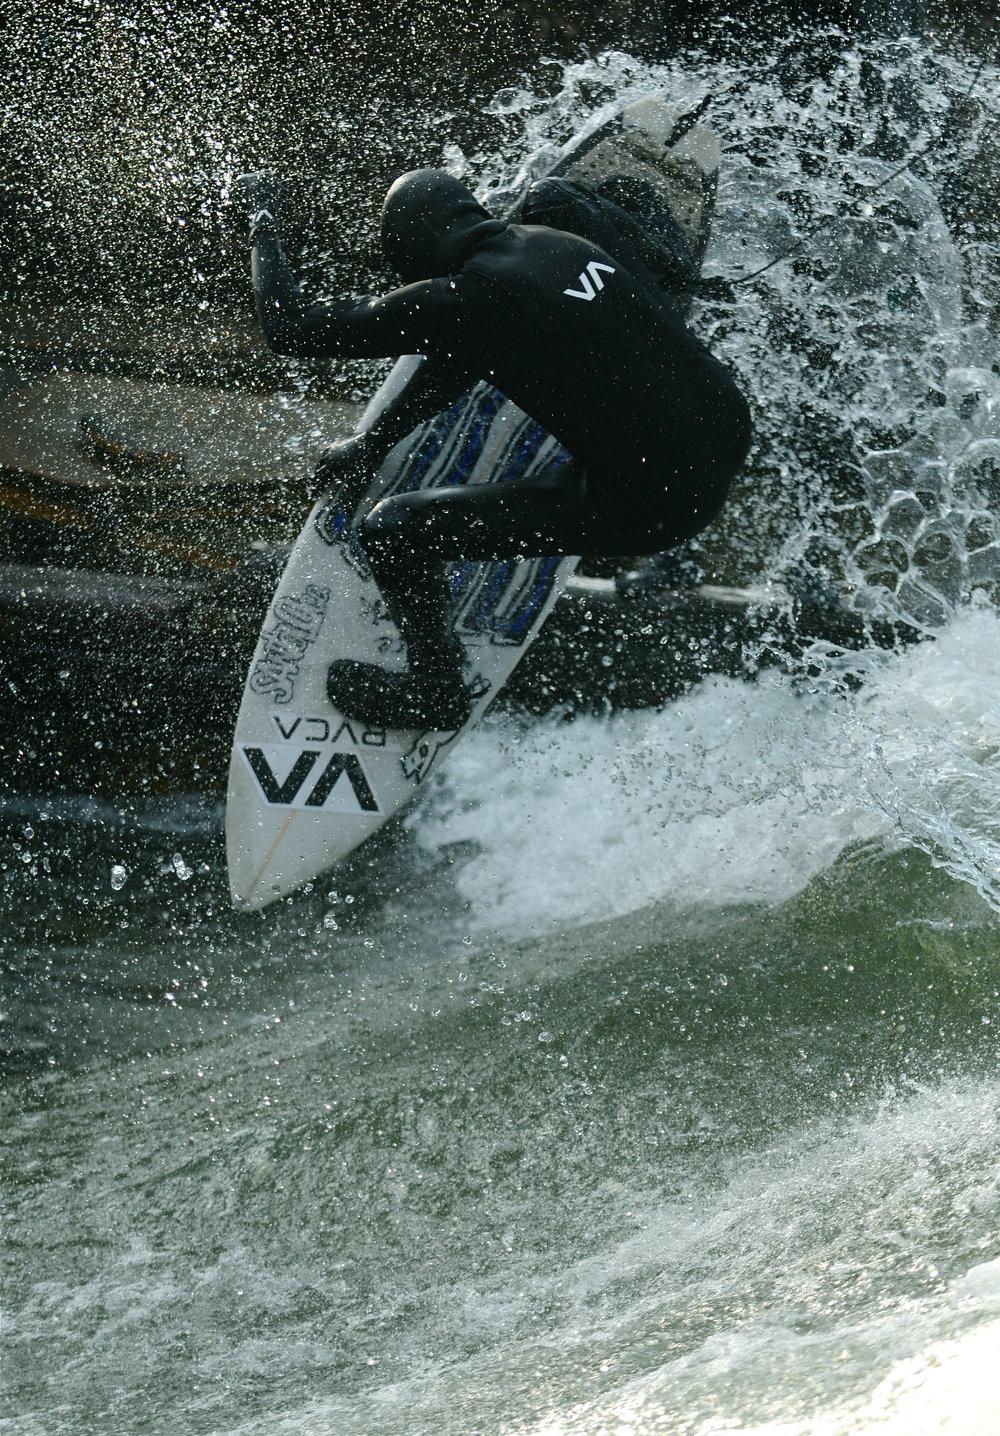 Viel höher geht das Tail nicht mehr. Manuel Kronfeldner an seinem Homespot, dem Eisbach in München. Foto: Stefan Erben